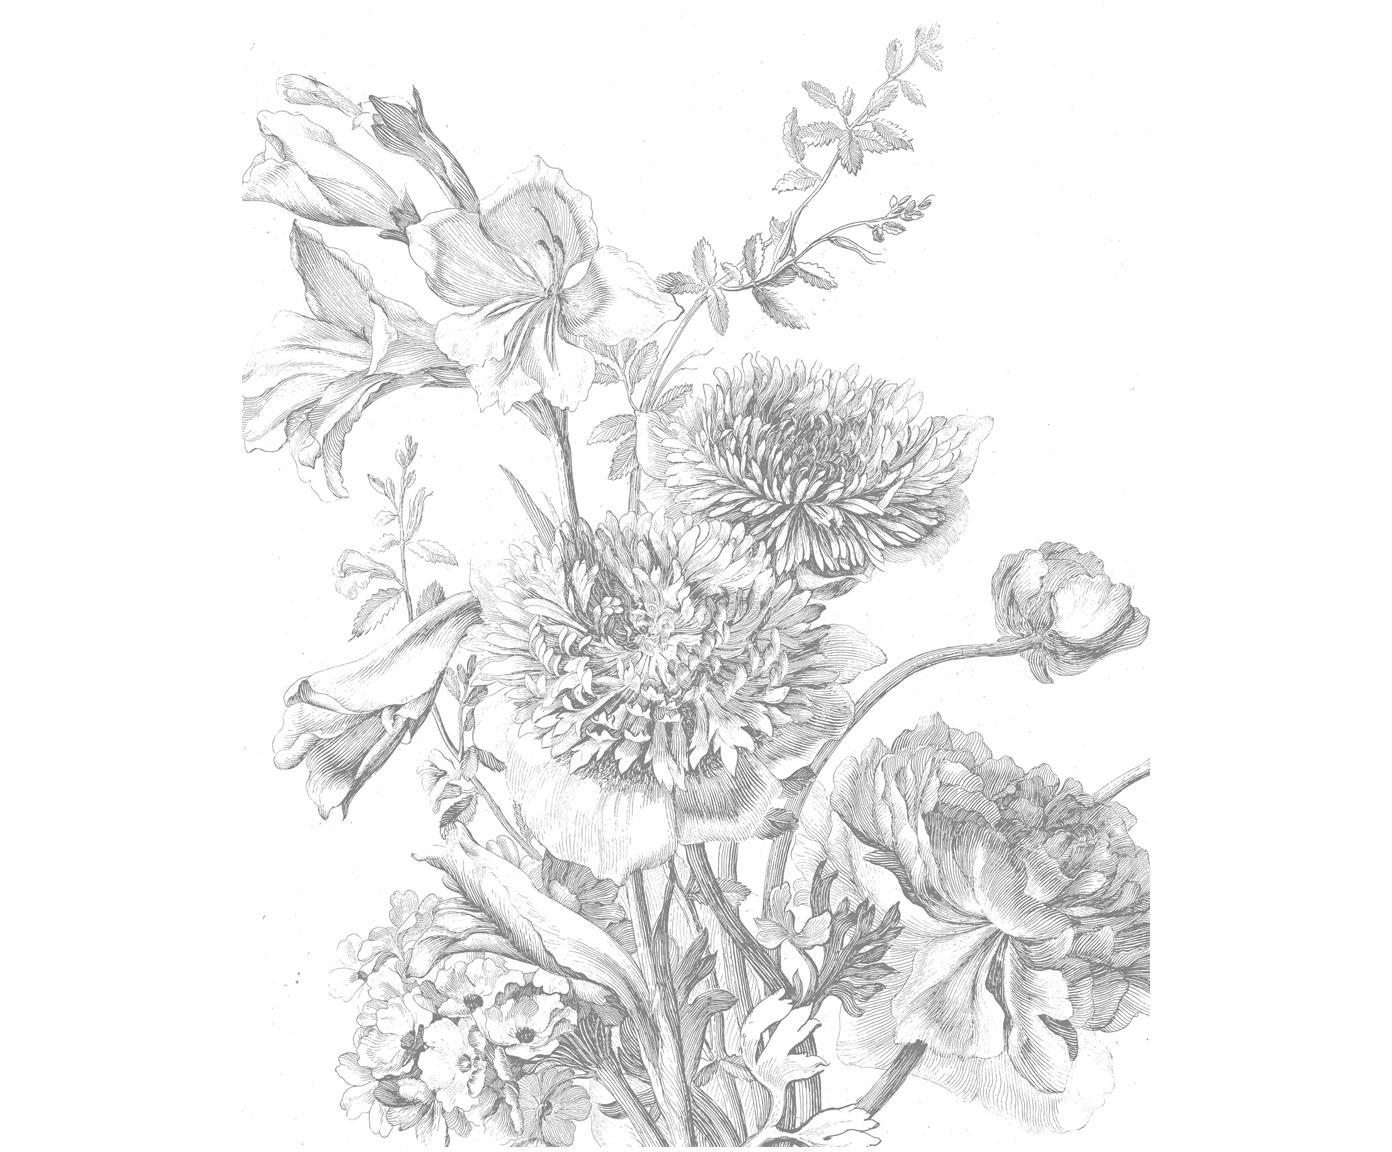 Carta da parati Engraved Flowers, Vello opaco, ecologica e biodegradabile, Grigio, bianco, Larg. 142 x Alt. 180 cm